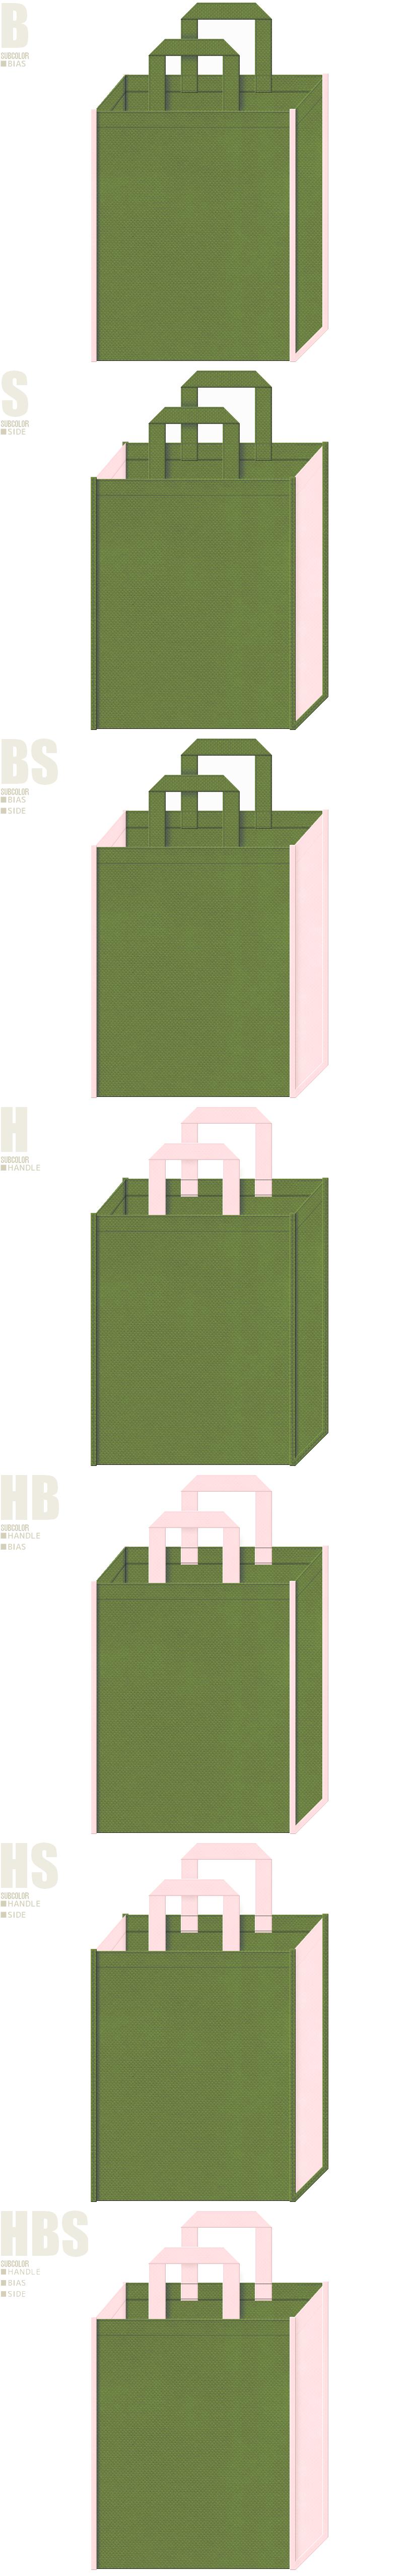 絵本・ももたろう・桜餅・三色団子・和菓子の見本市のバッグにお奨めの不織布バッグデザイン:草色と桜色の不織布バッグ配色7パターン。